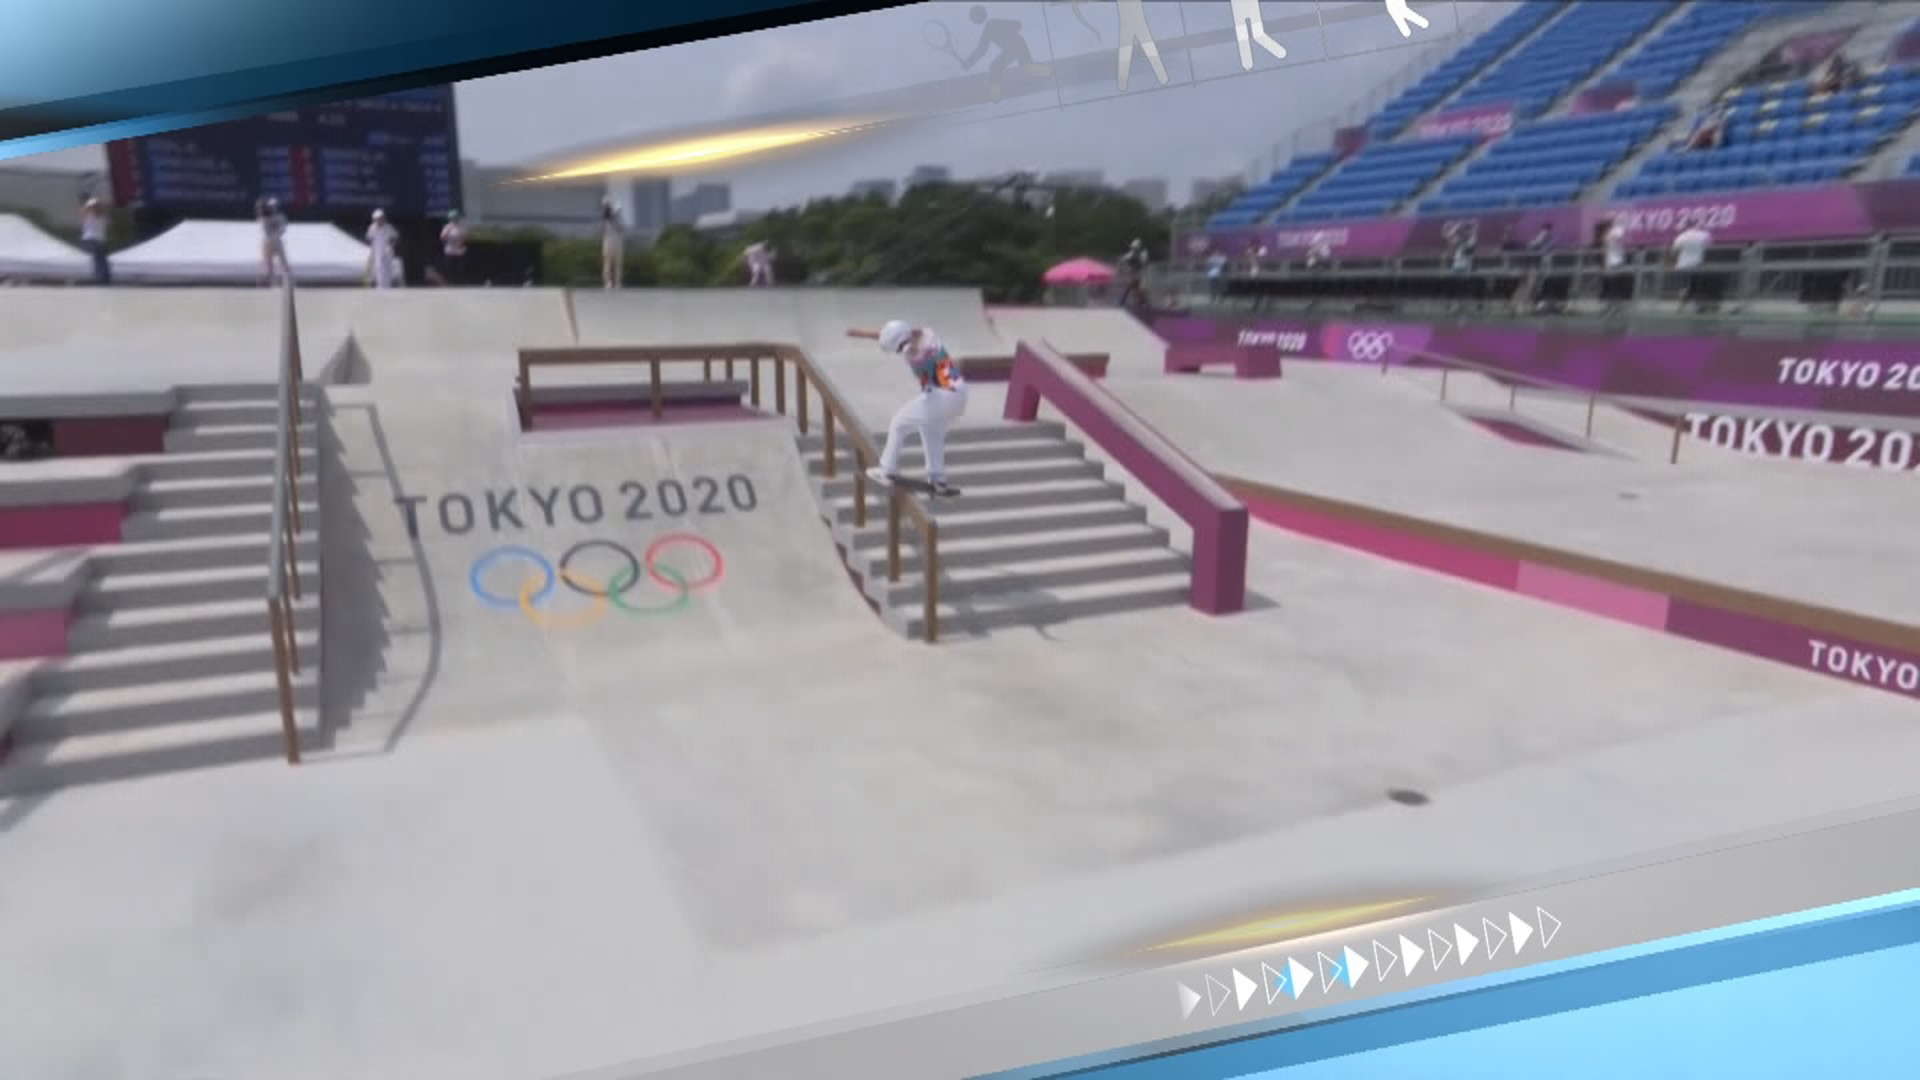 [스포츠영상] 13살 소녀의 금빛 스케이트보드 질주